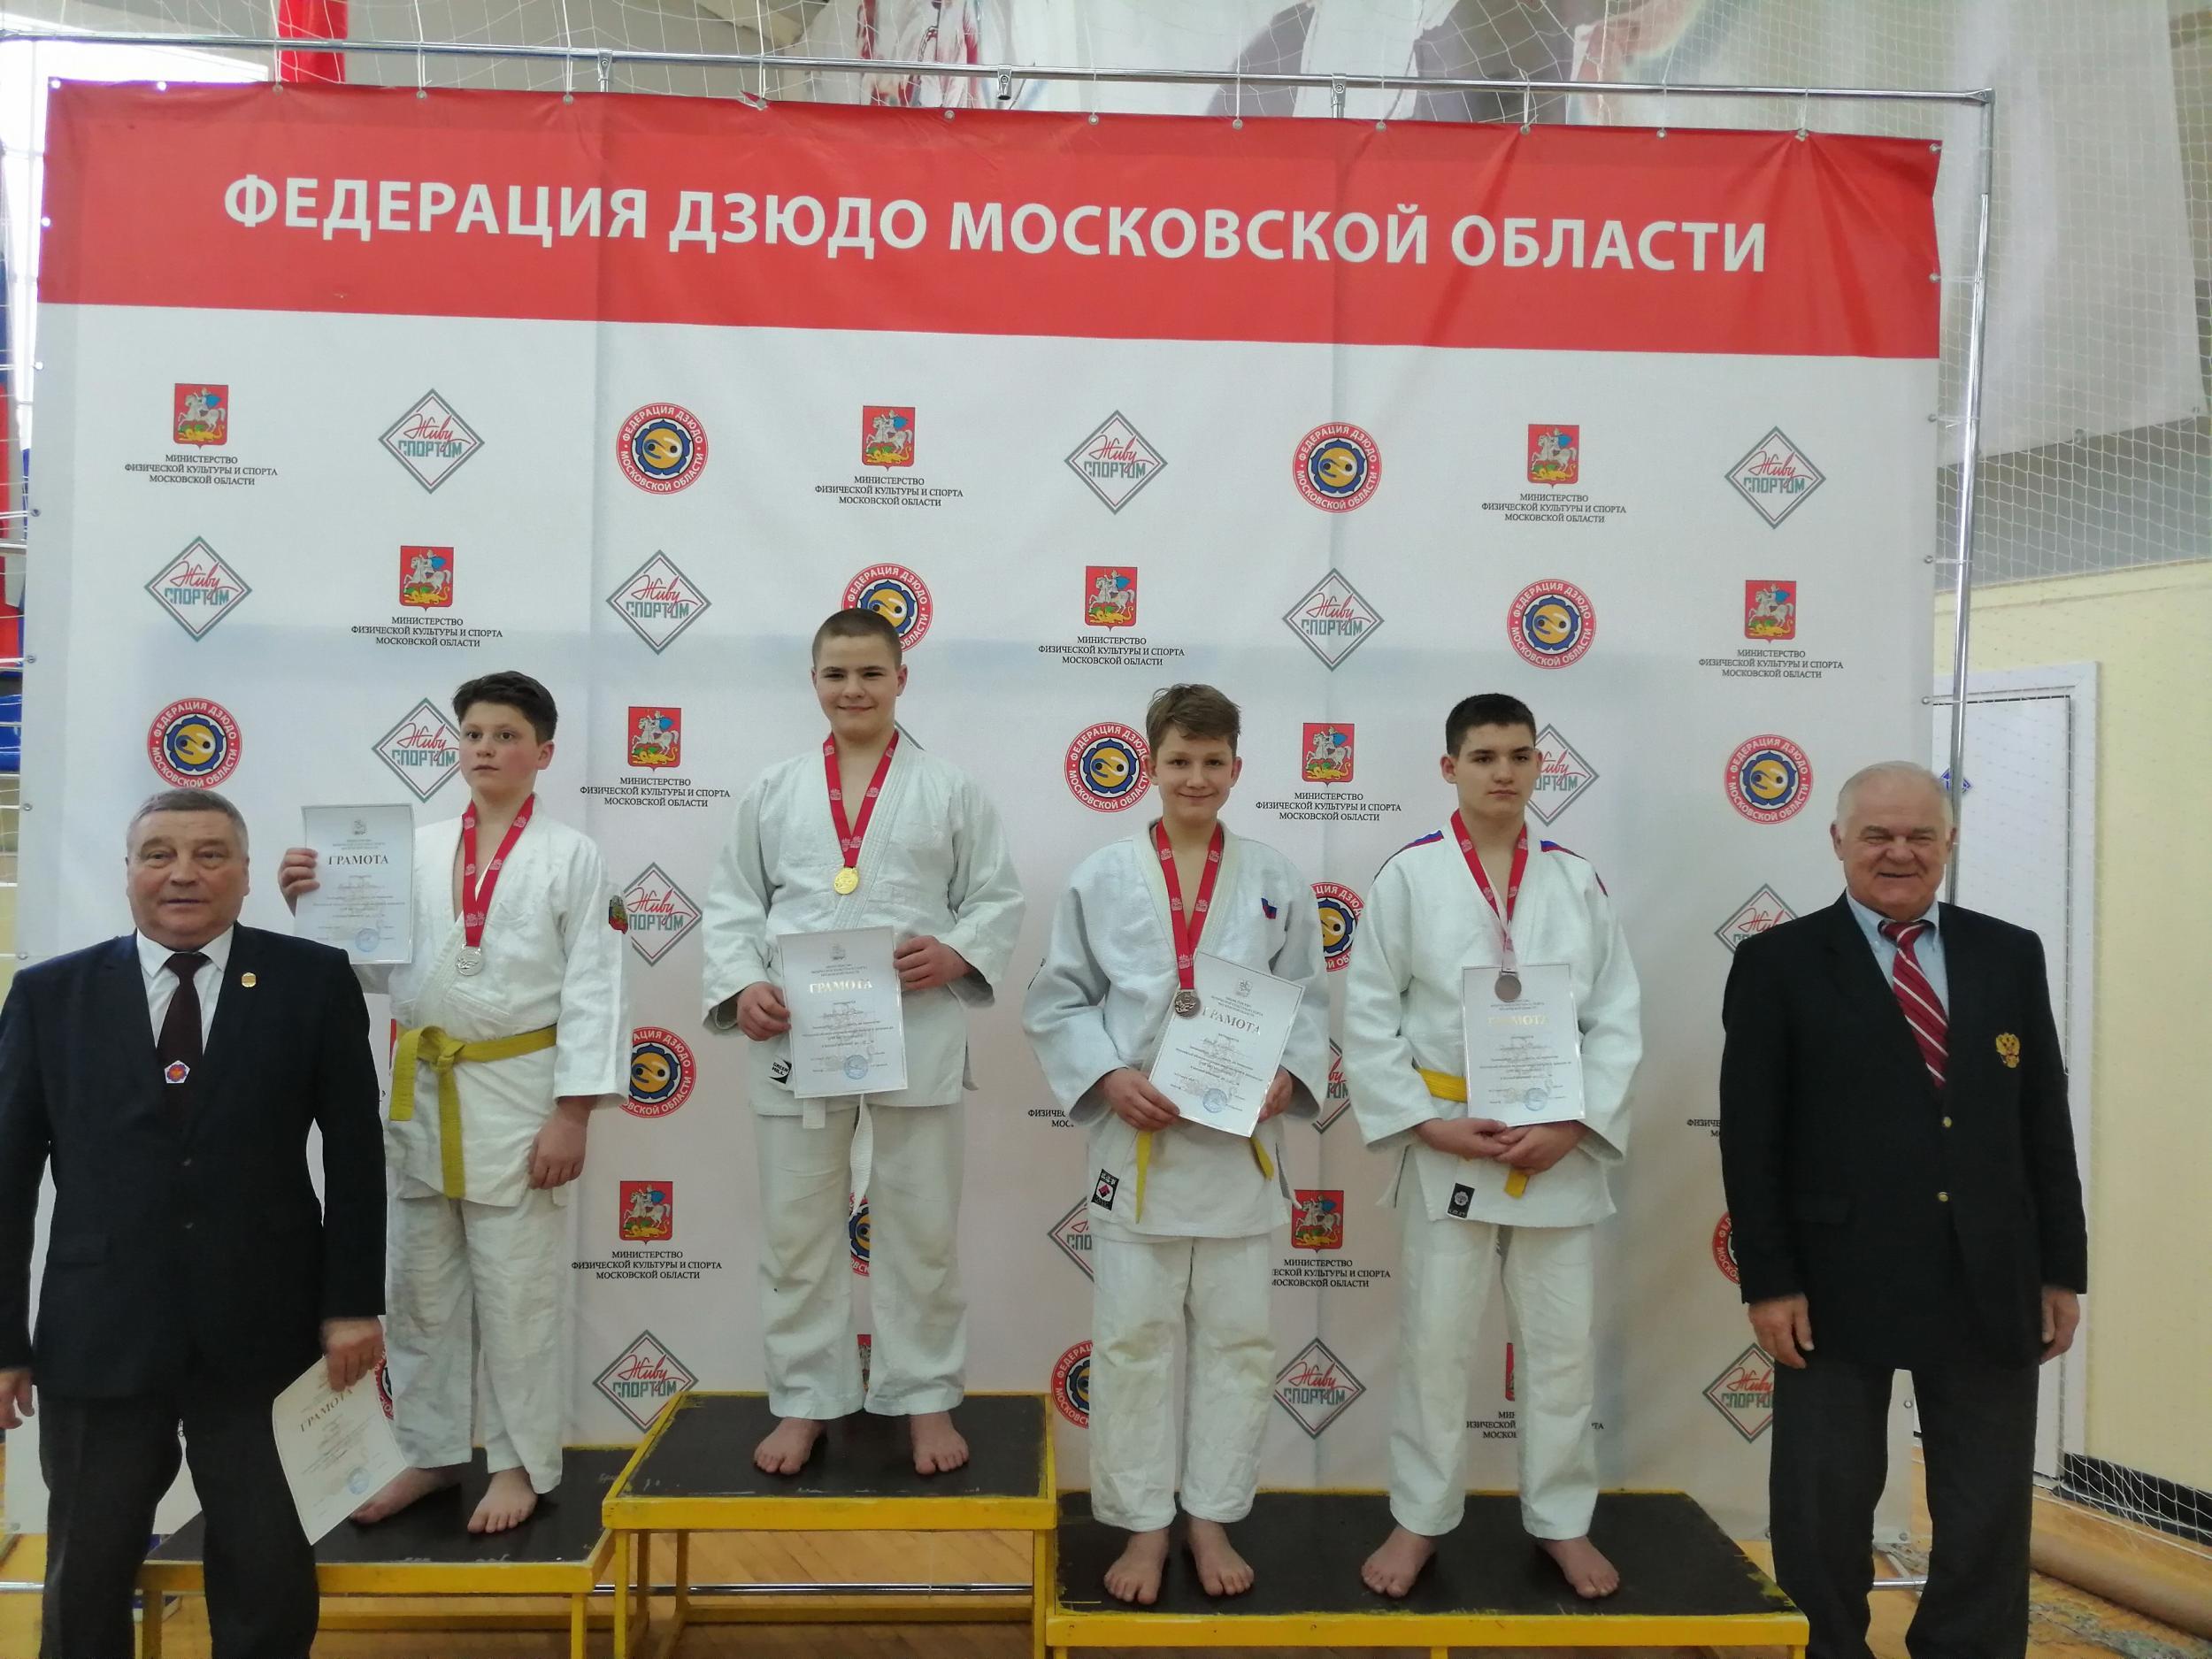 judo_orbita_otechestvo_zhukovsky.jpg